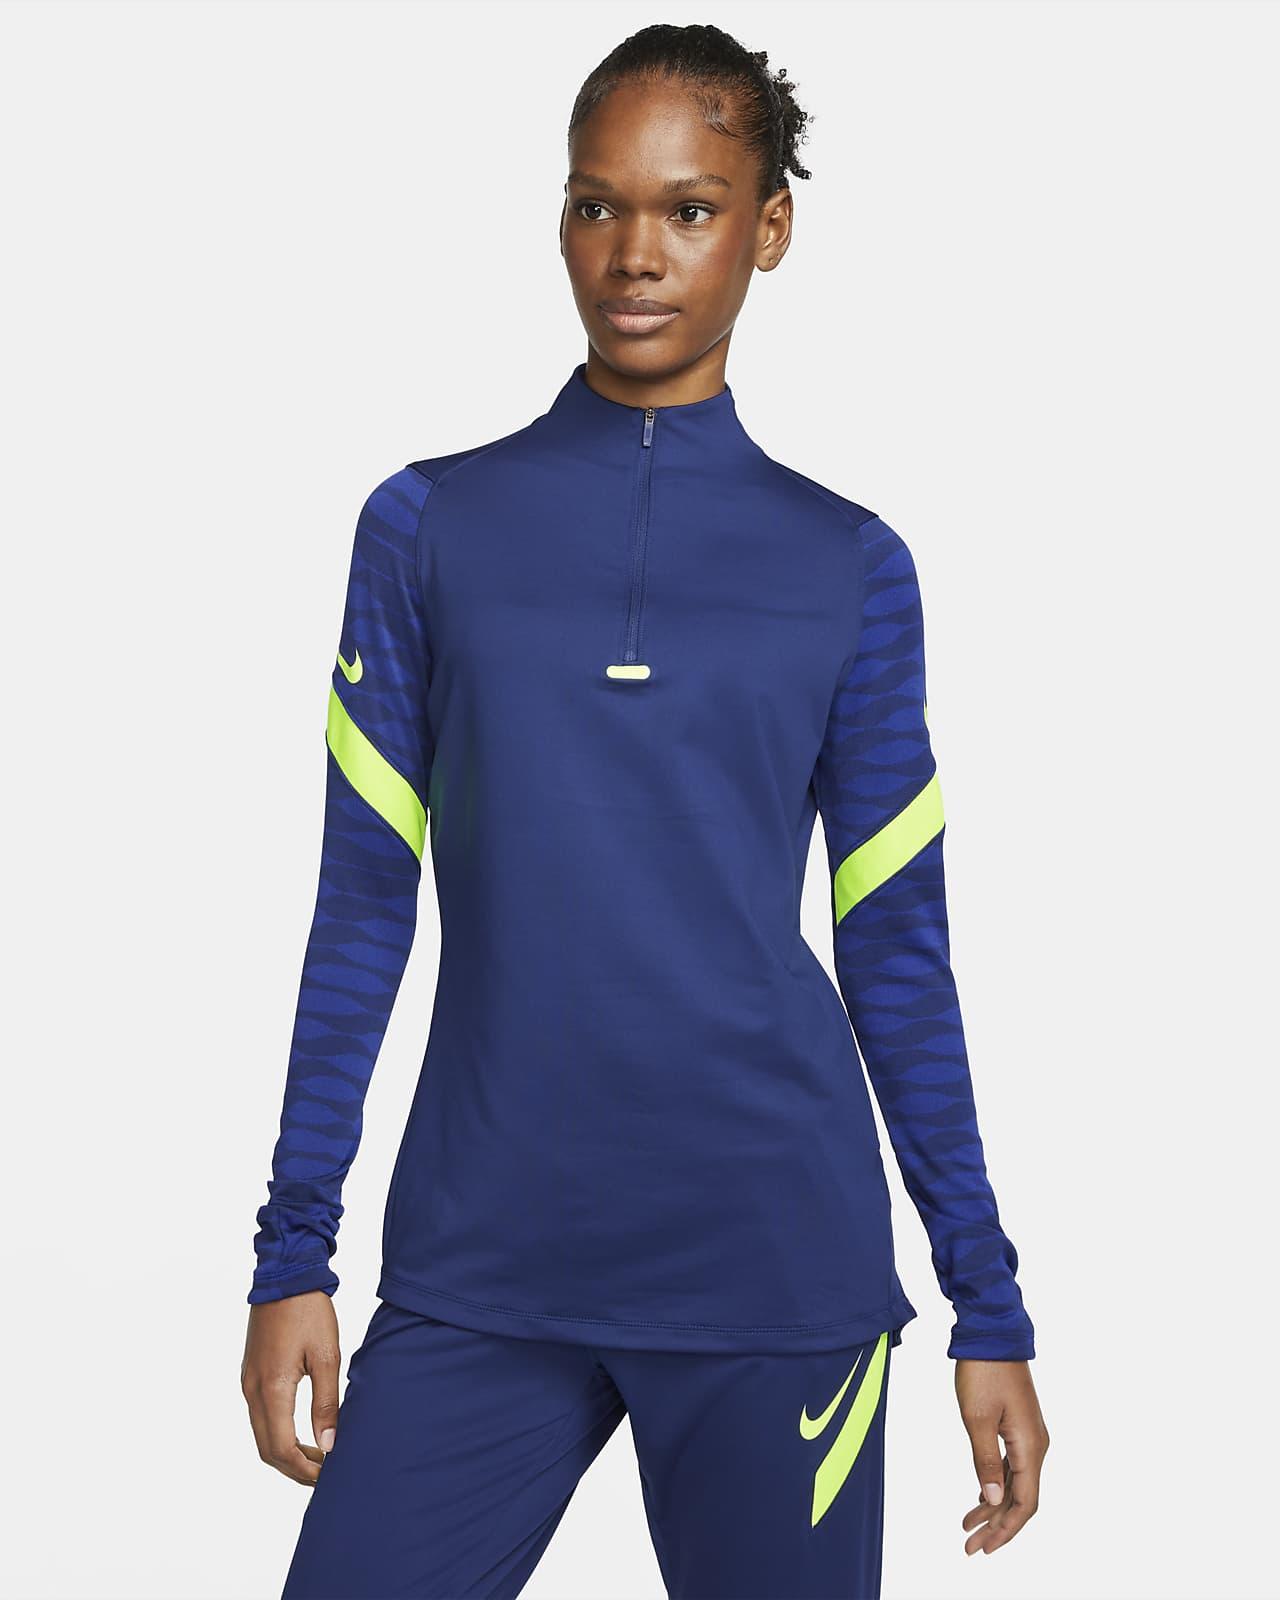 Nike Dri-FIT Strike Women's 1/4-Zip Football Drill Top